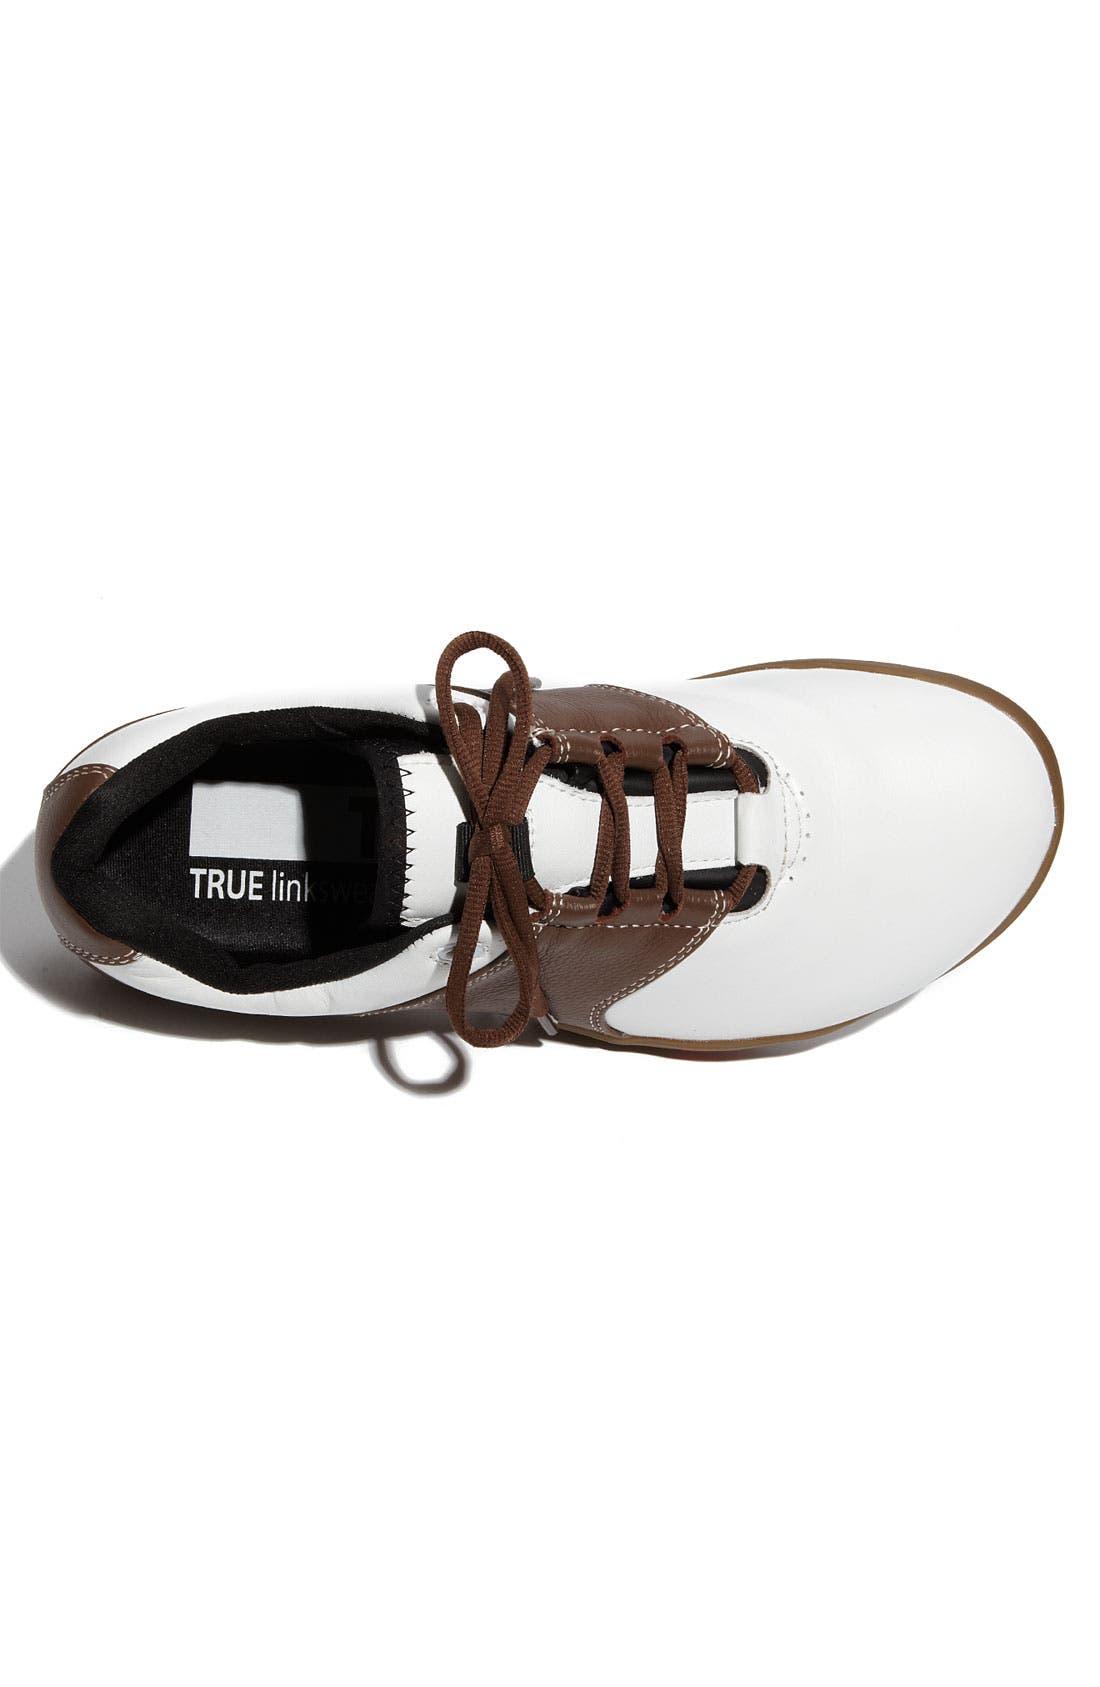 Alternate Image 3  - TRUE linkswear 'True Tour' Golf Shoe (Men)